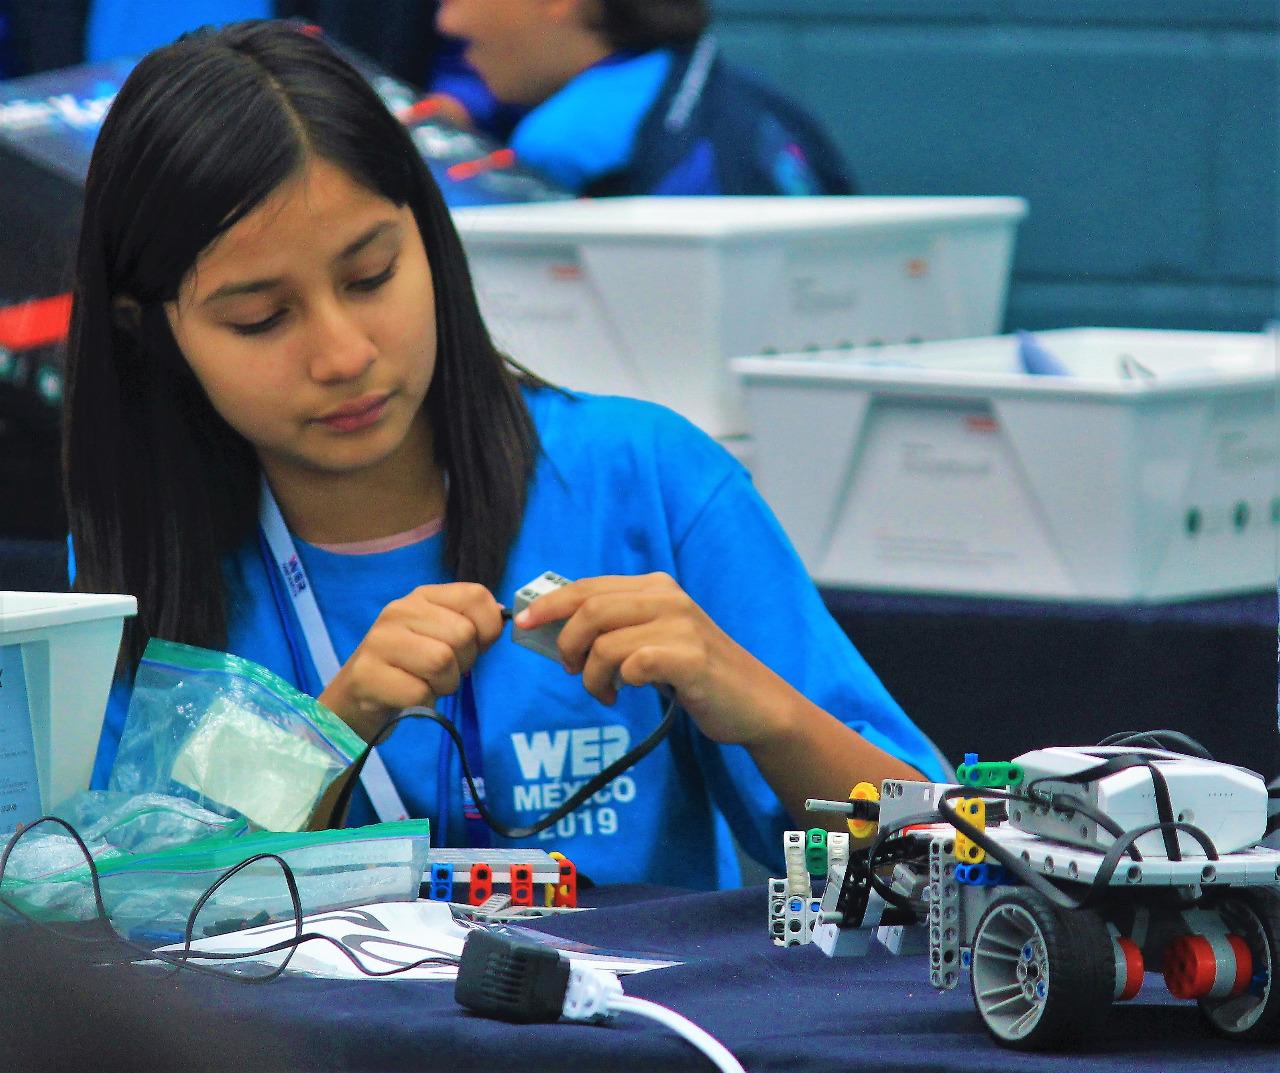 Abren taller especializado en robótica en secundaria 60